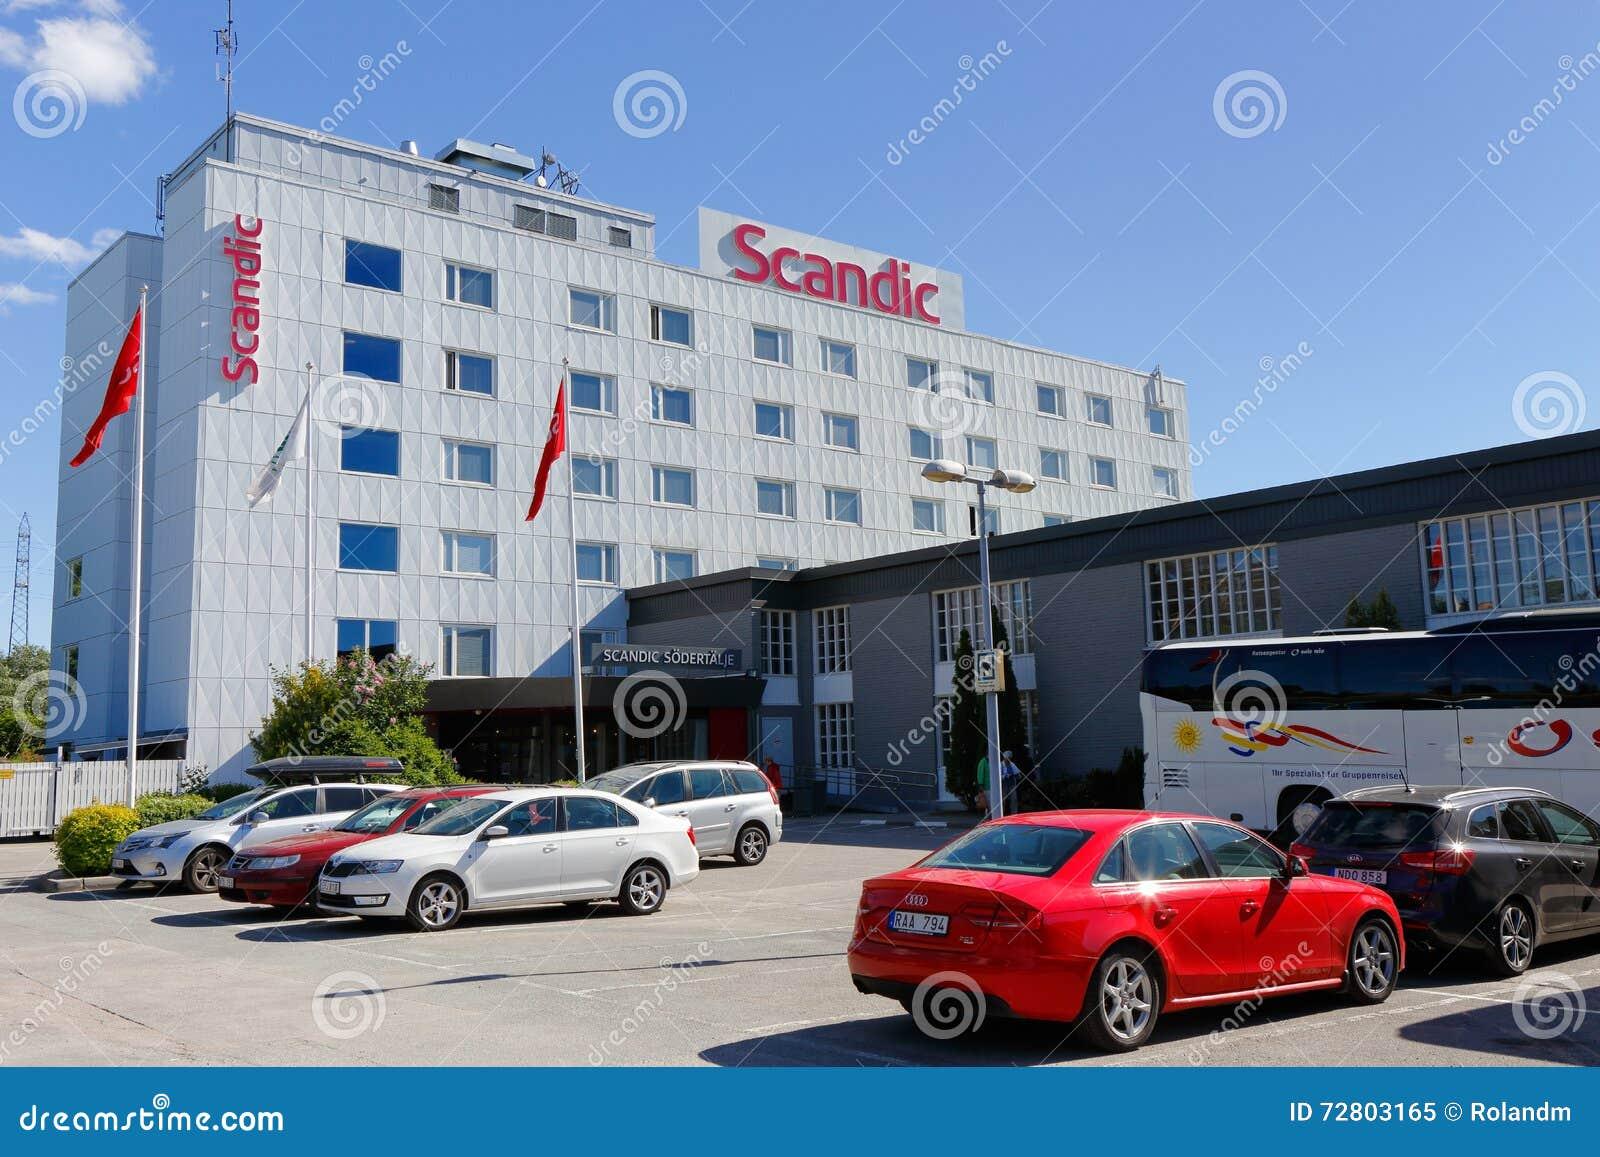 scandic hotell södertälje